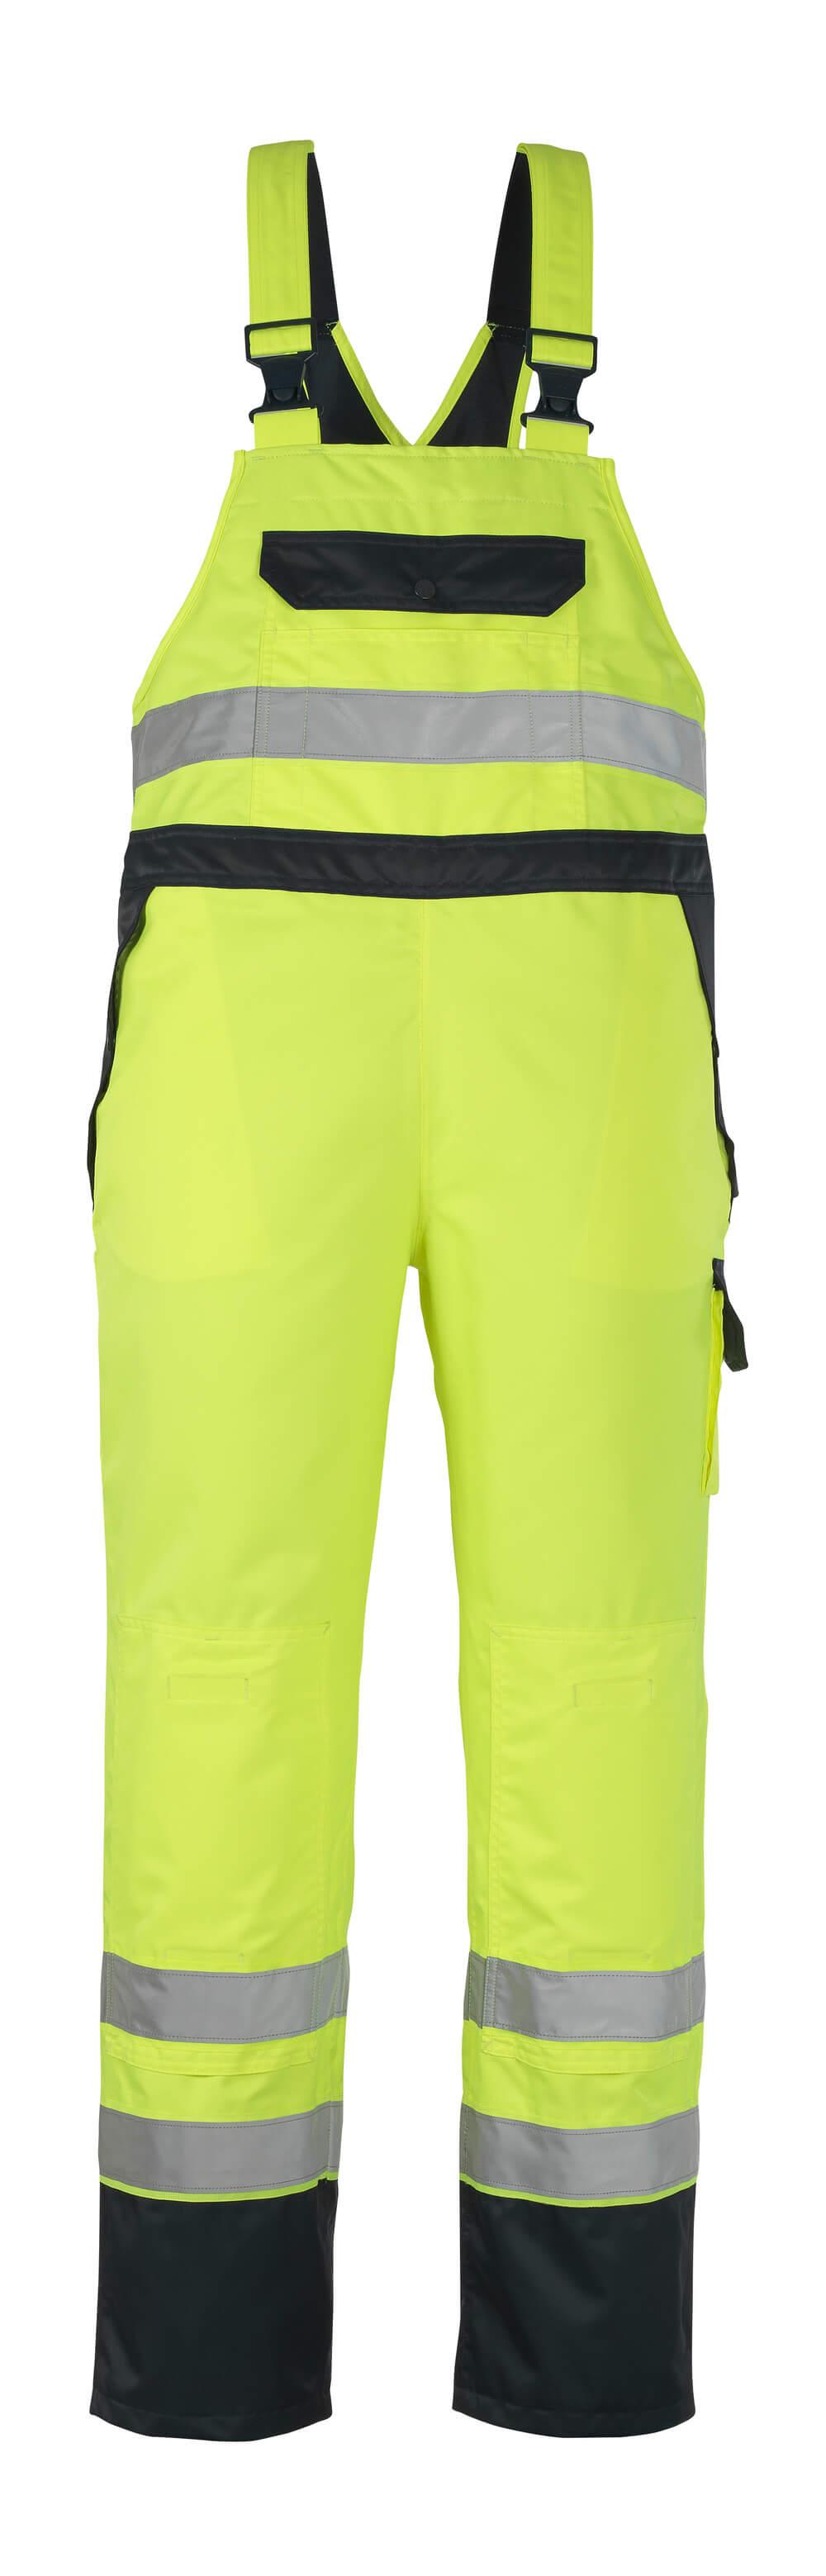 07092-880-171 Peto sobre pantalón - amarillo de alta vis./azul marino